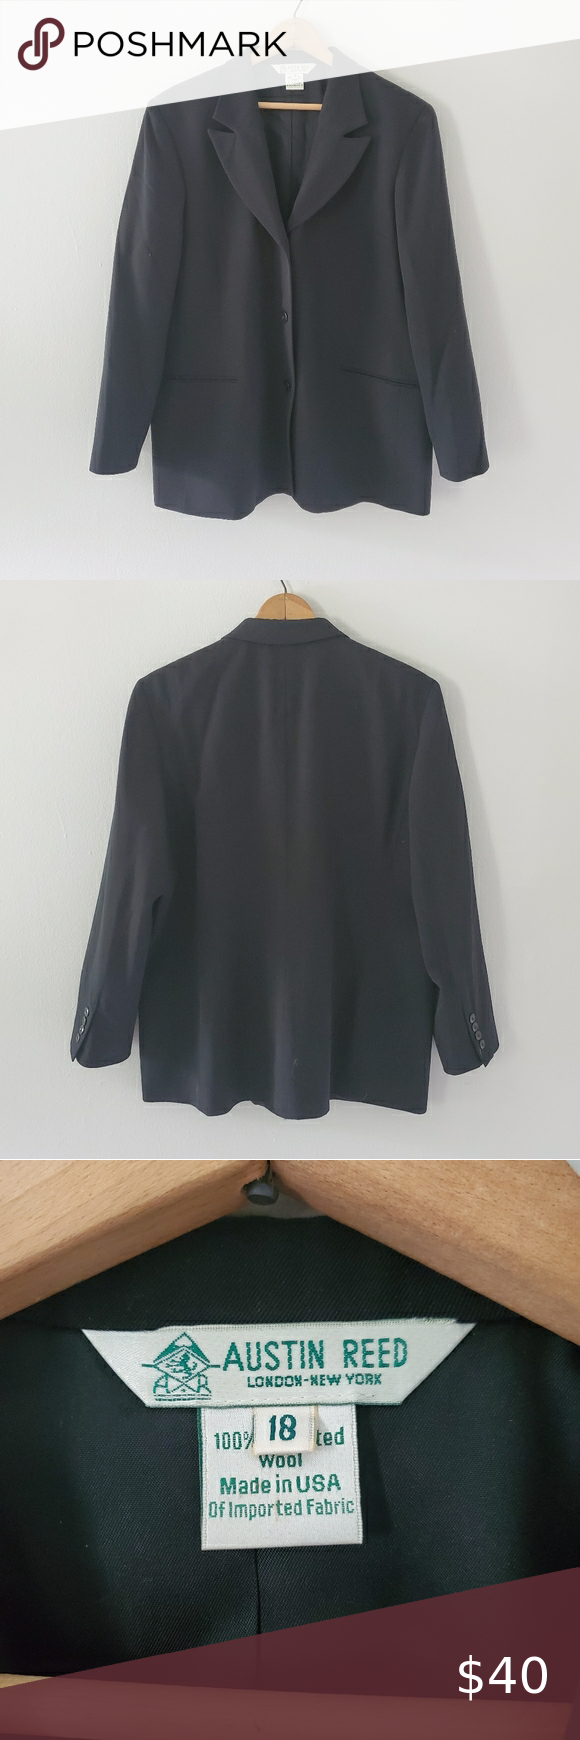 Vintage Austin Reed Black Wool Blazer In 2020 Black Wool Blazer Vintage Austin Wool Blazer